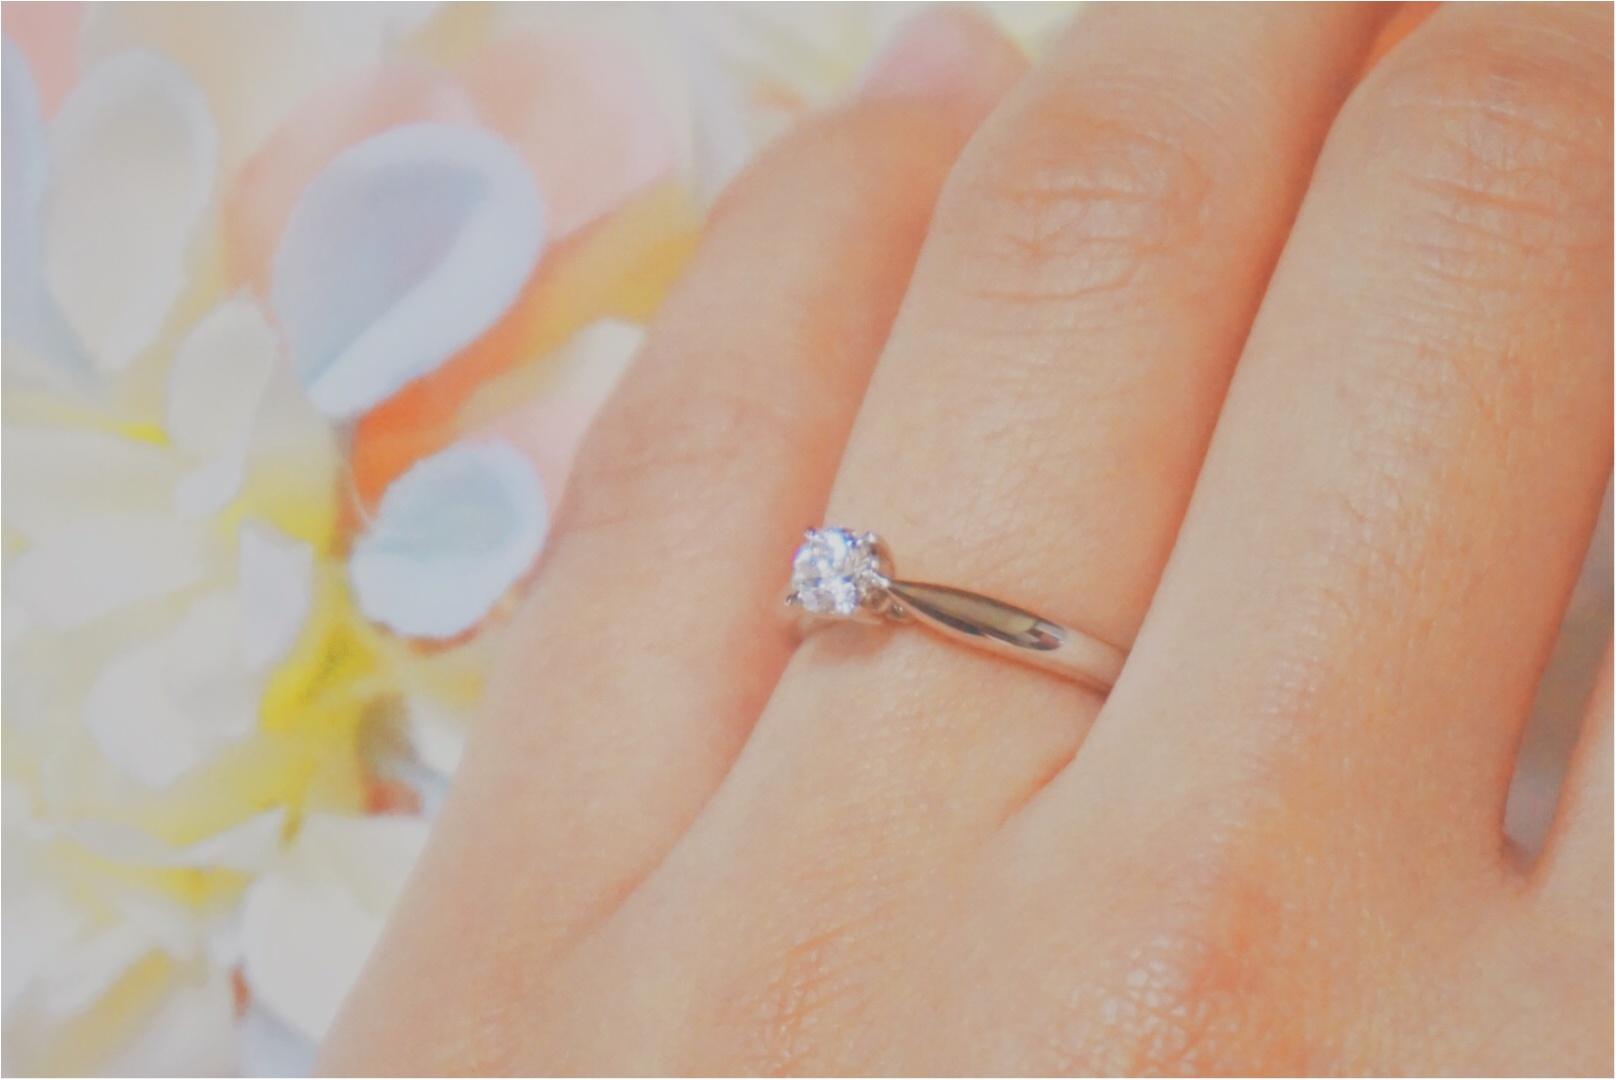 エンゲージリングは『好きなものを選んで欲しい』♡べルギー王室御用達‼︎世界で1番美しいと実証されたダイヤモンドを君に♡︎_5